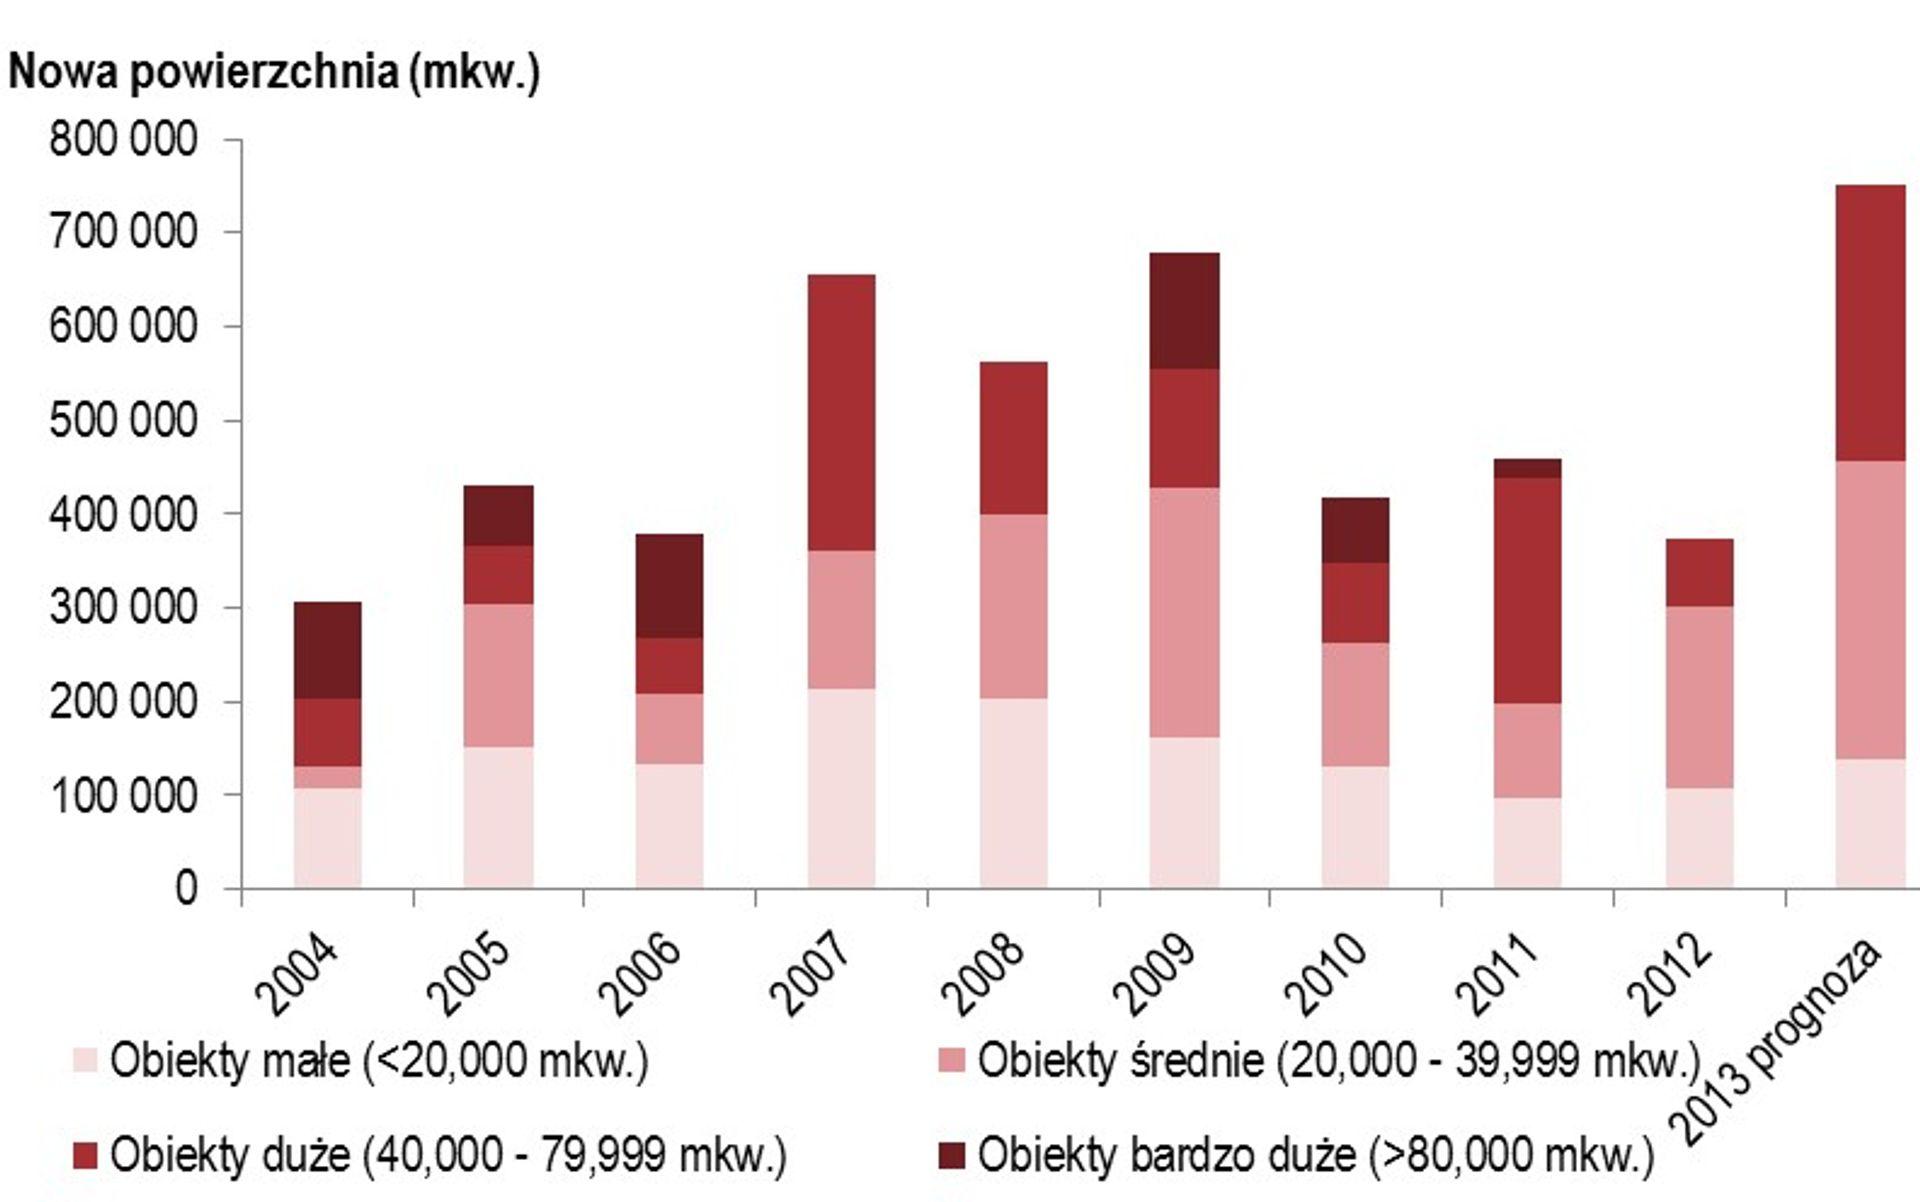 [Polska] 2013 upłynie pod znakiem rosnącej aktywności deweloperów i dalszej dywersyfikacji rynku nieruchomości handlowych